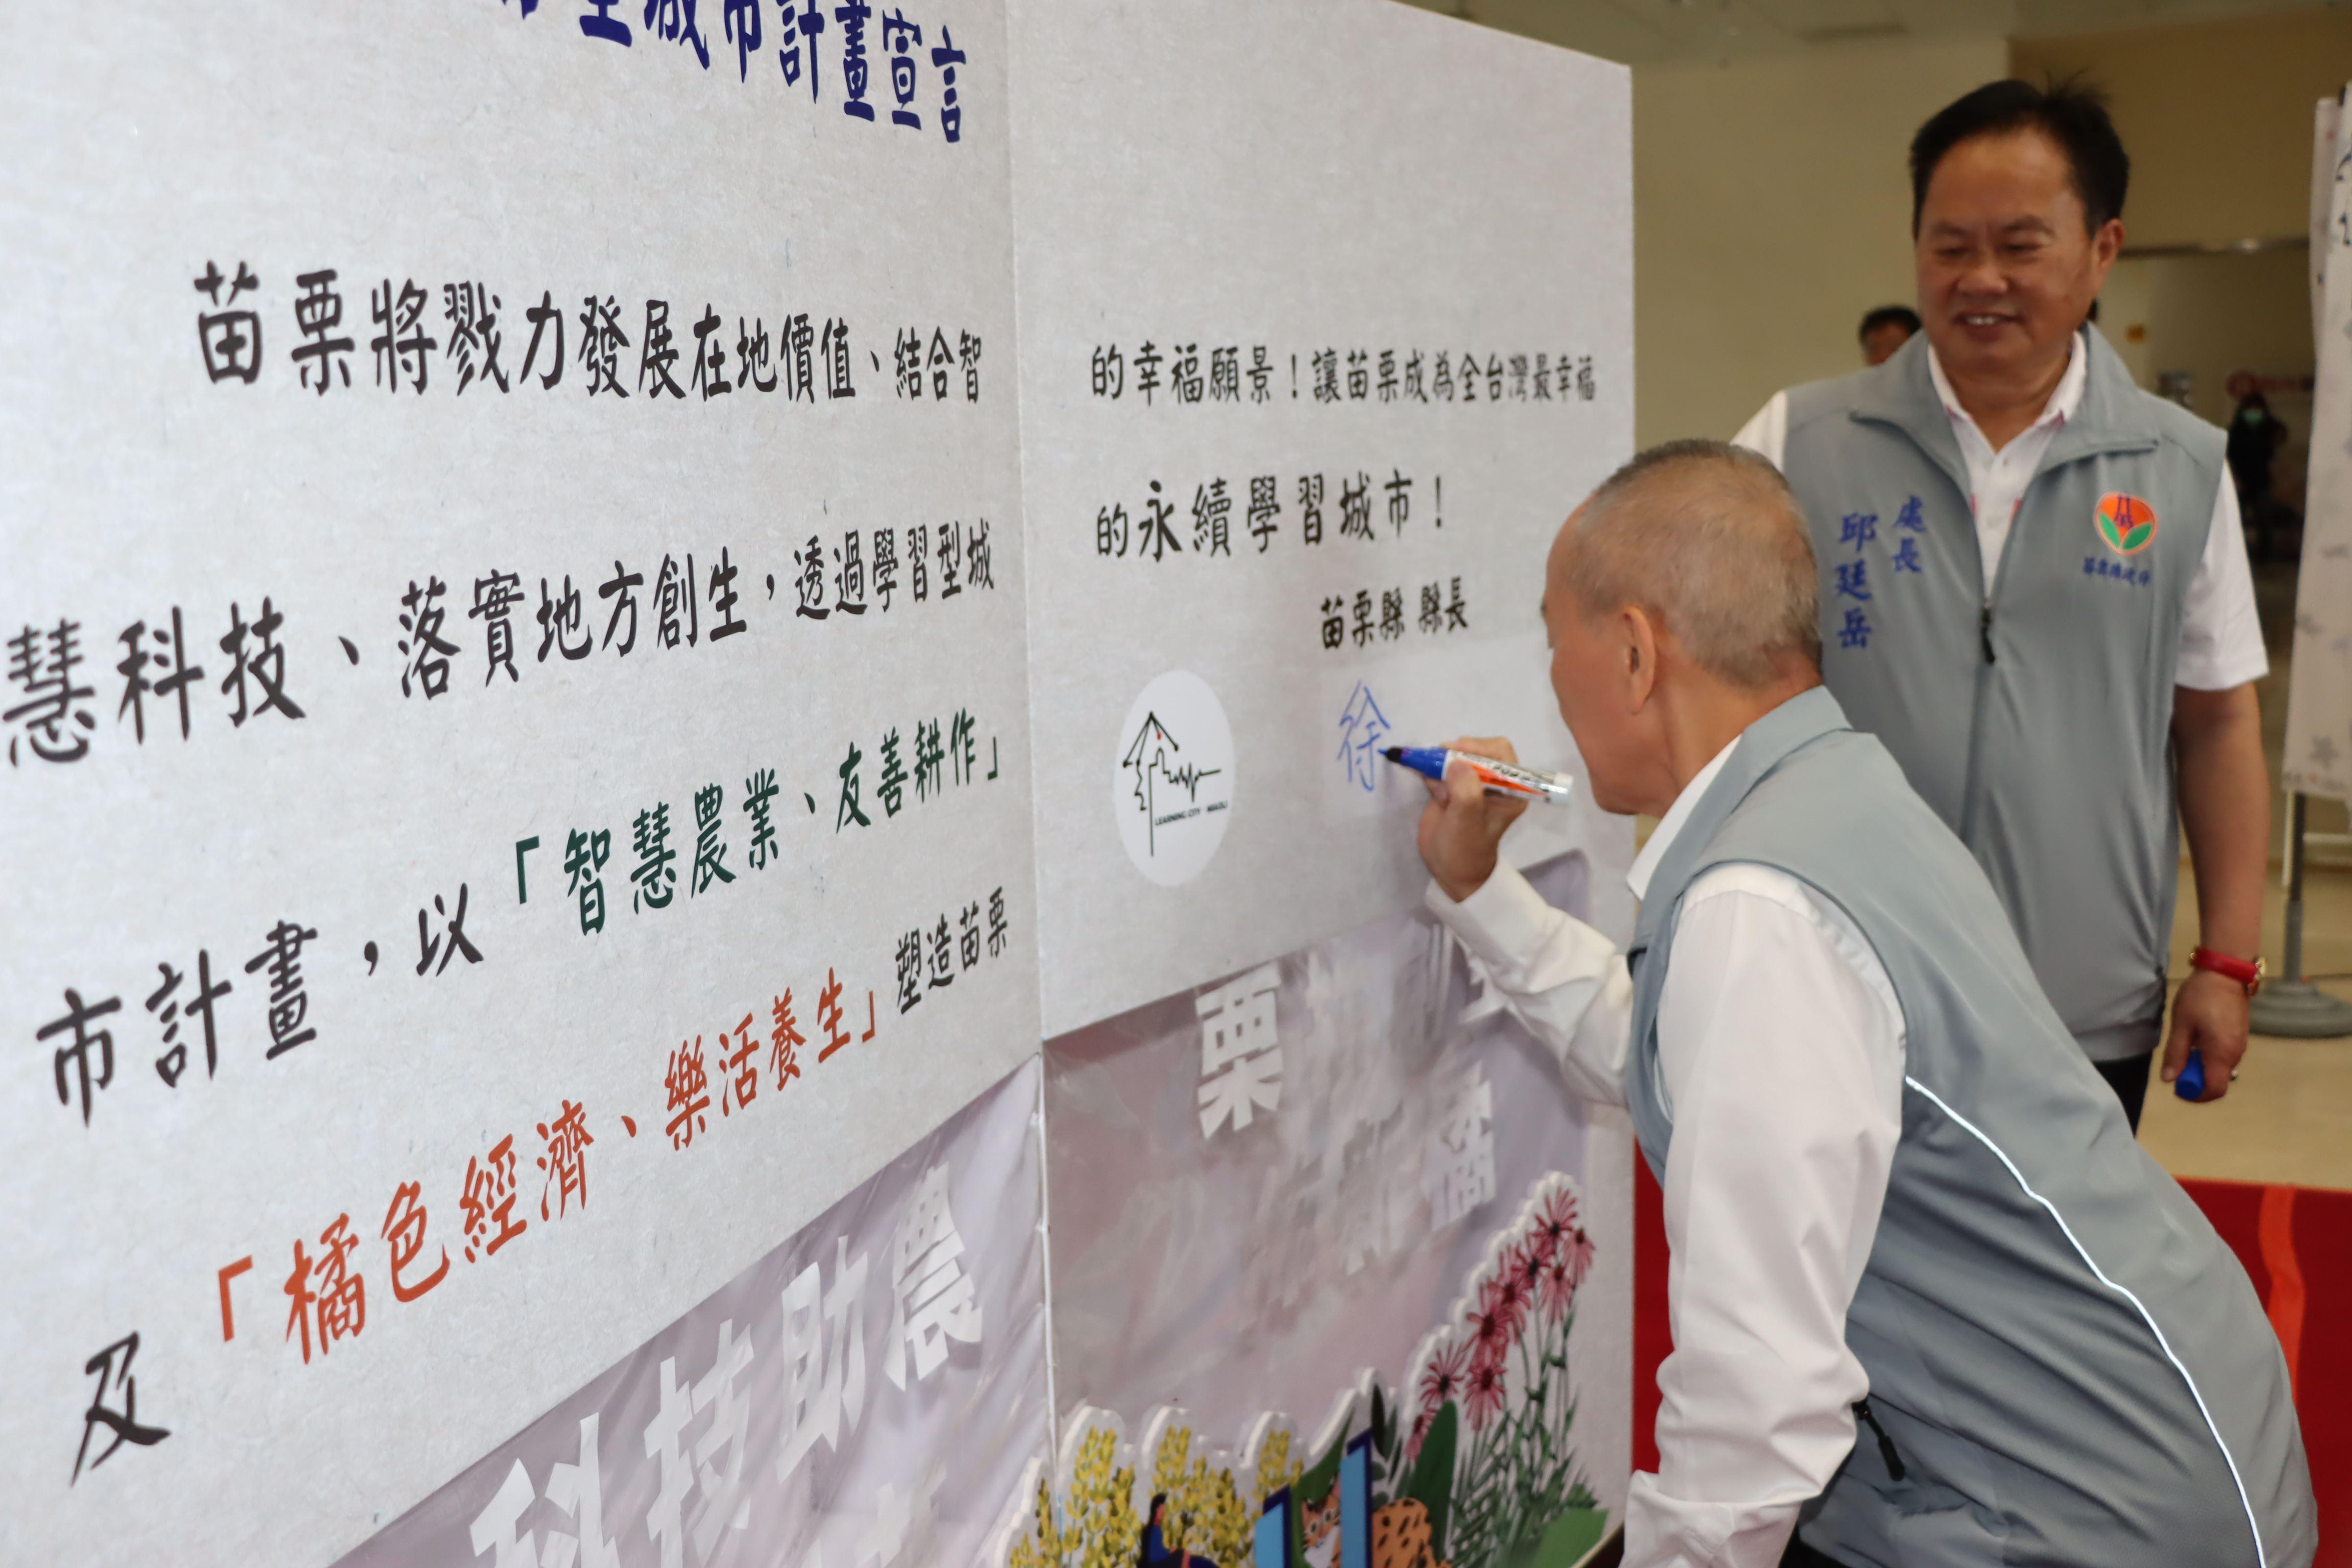 3縣府-縣長簽署誓言 IMG_7908.JPG